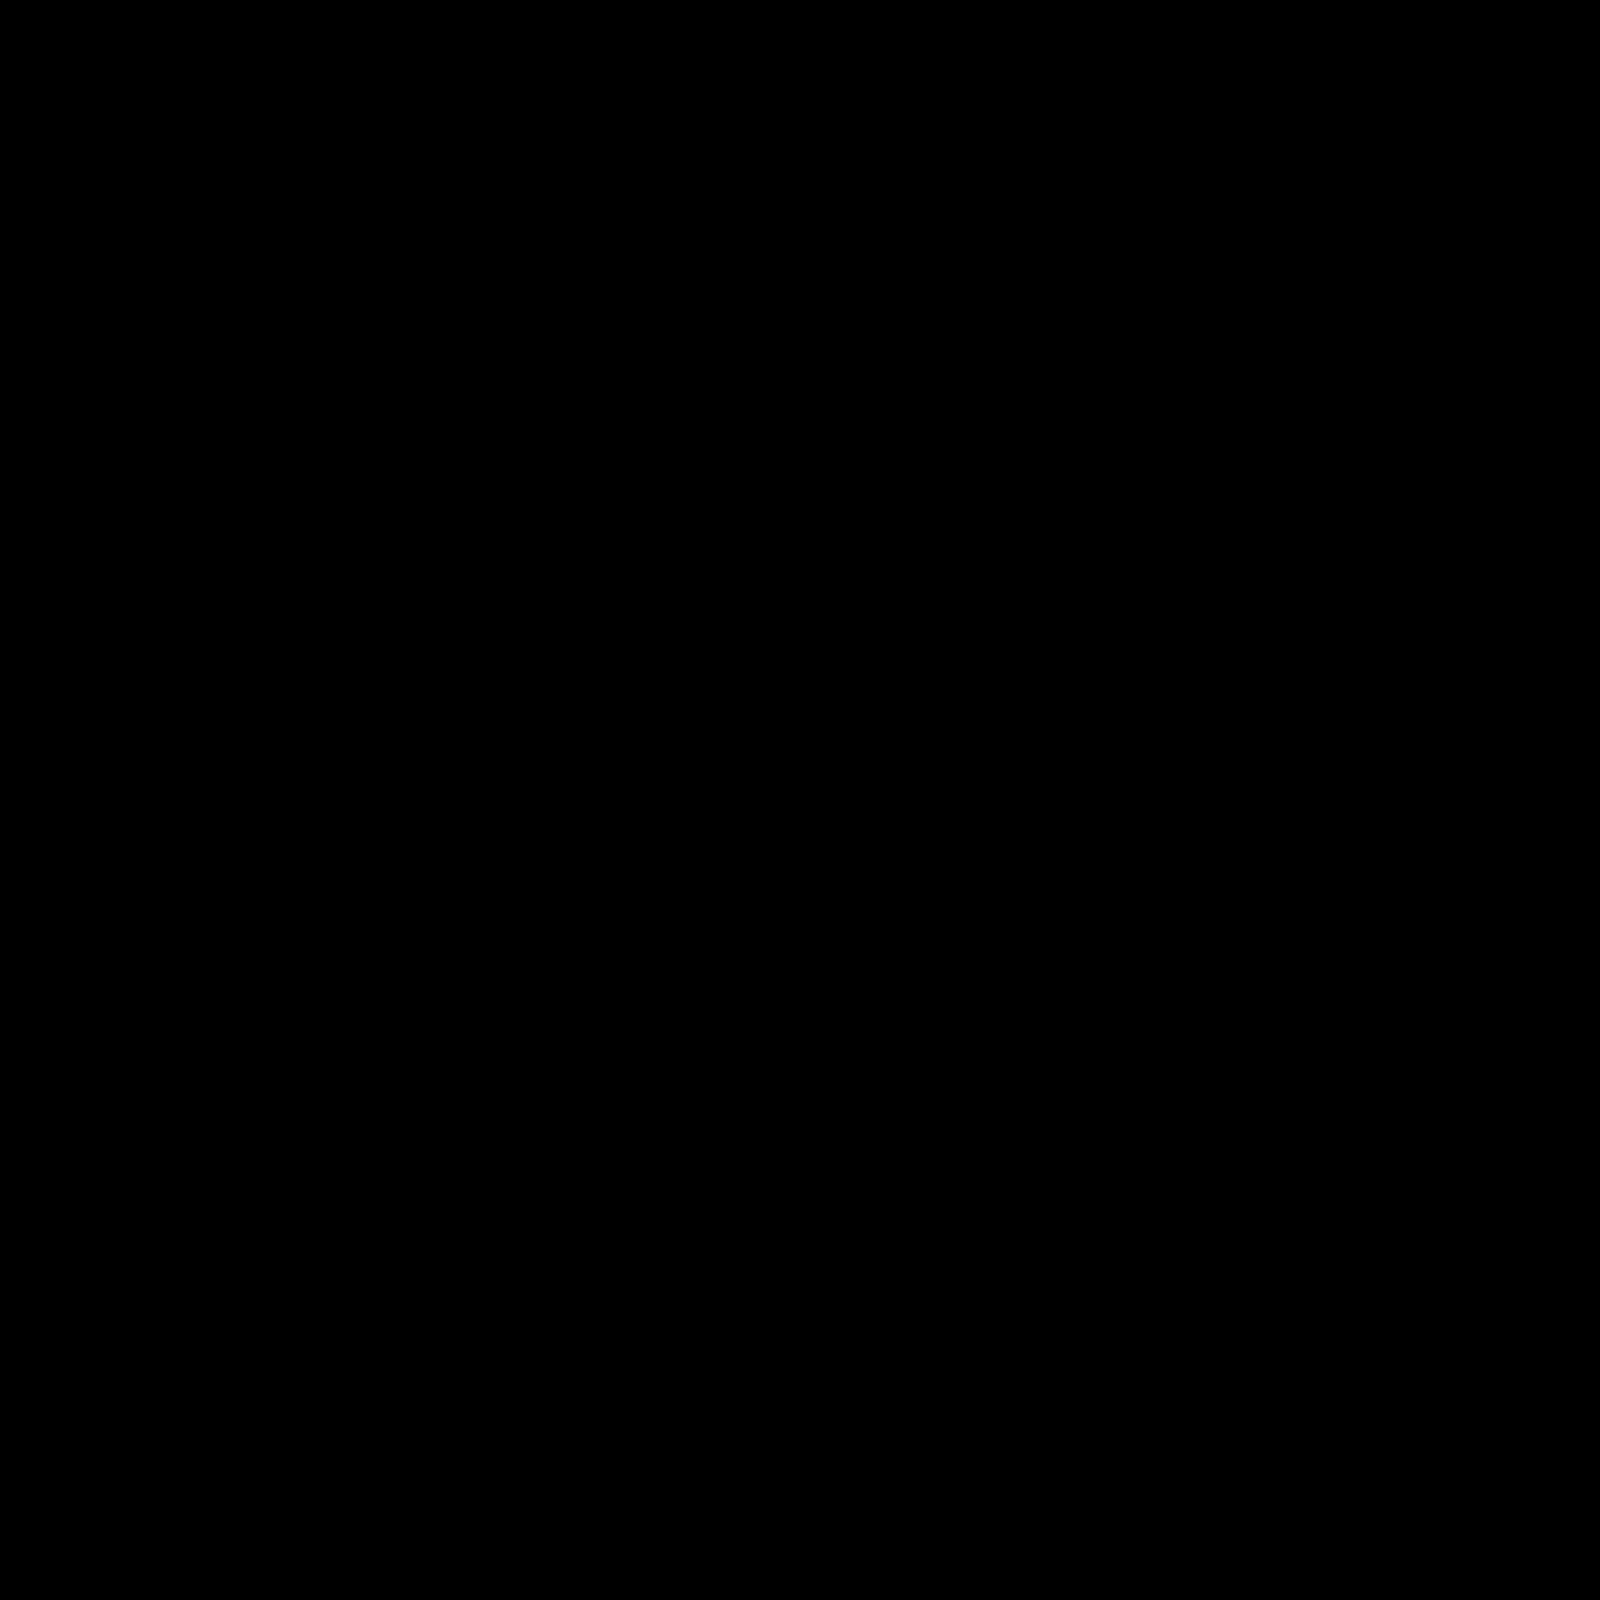 財務勲章 icon